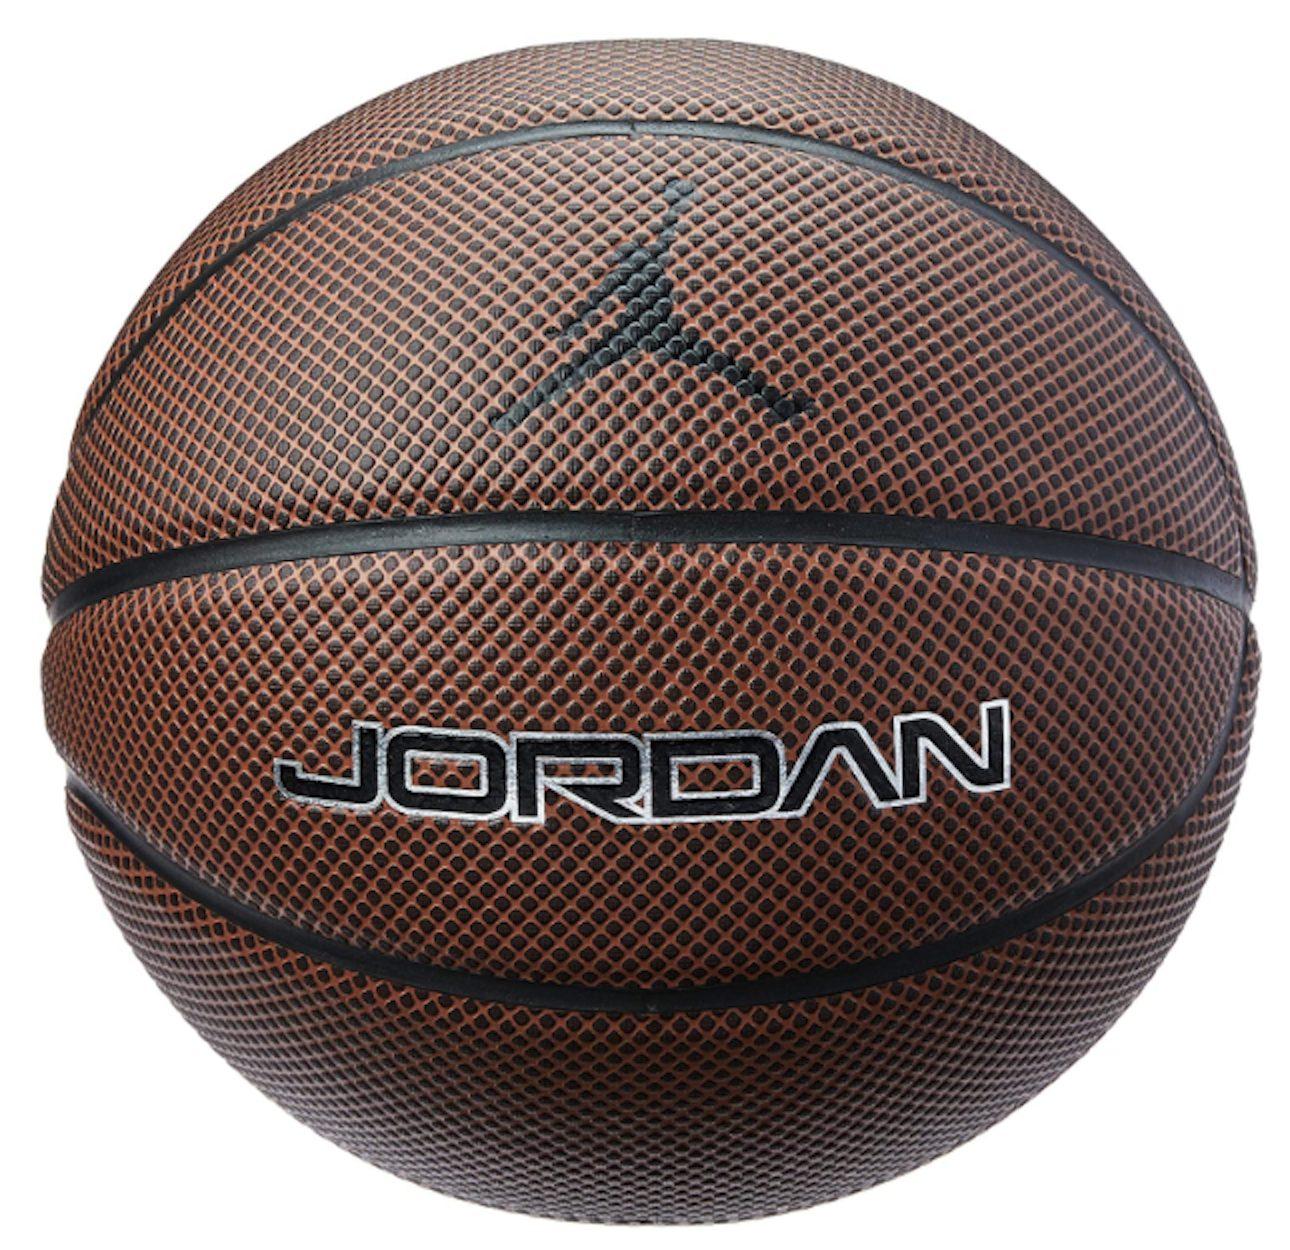 tutti gli altri oggetti gonfiabili Manometro per pallacanestro professionale pallavolo barometro in acciaio inox palloni da calcio basket portatile per palloni da calcio